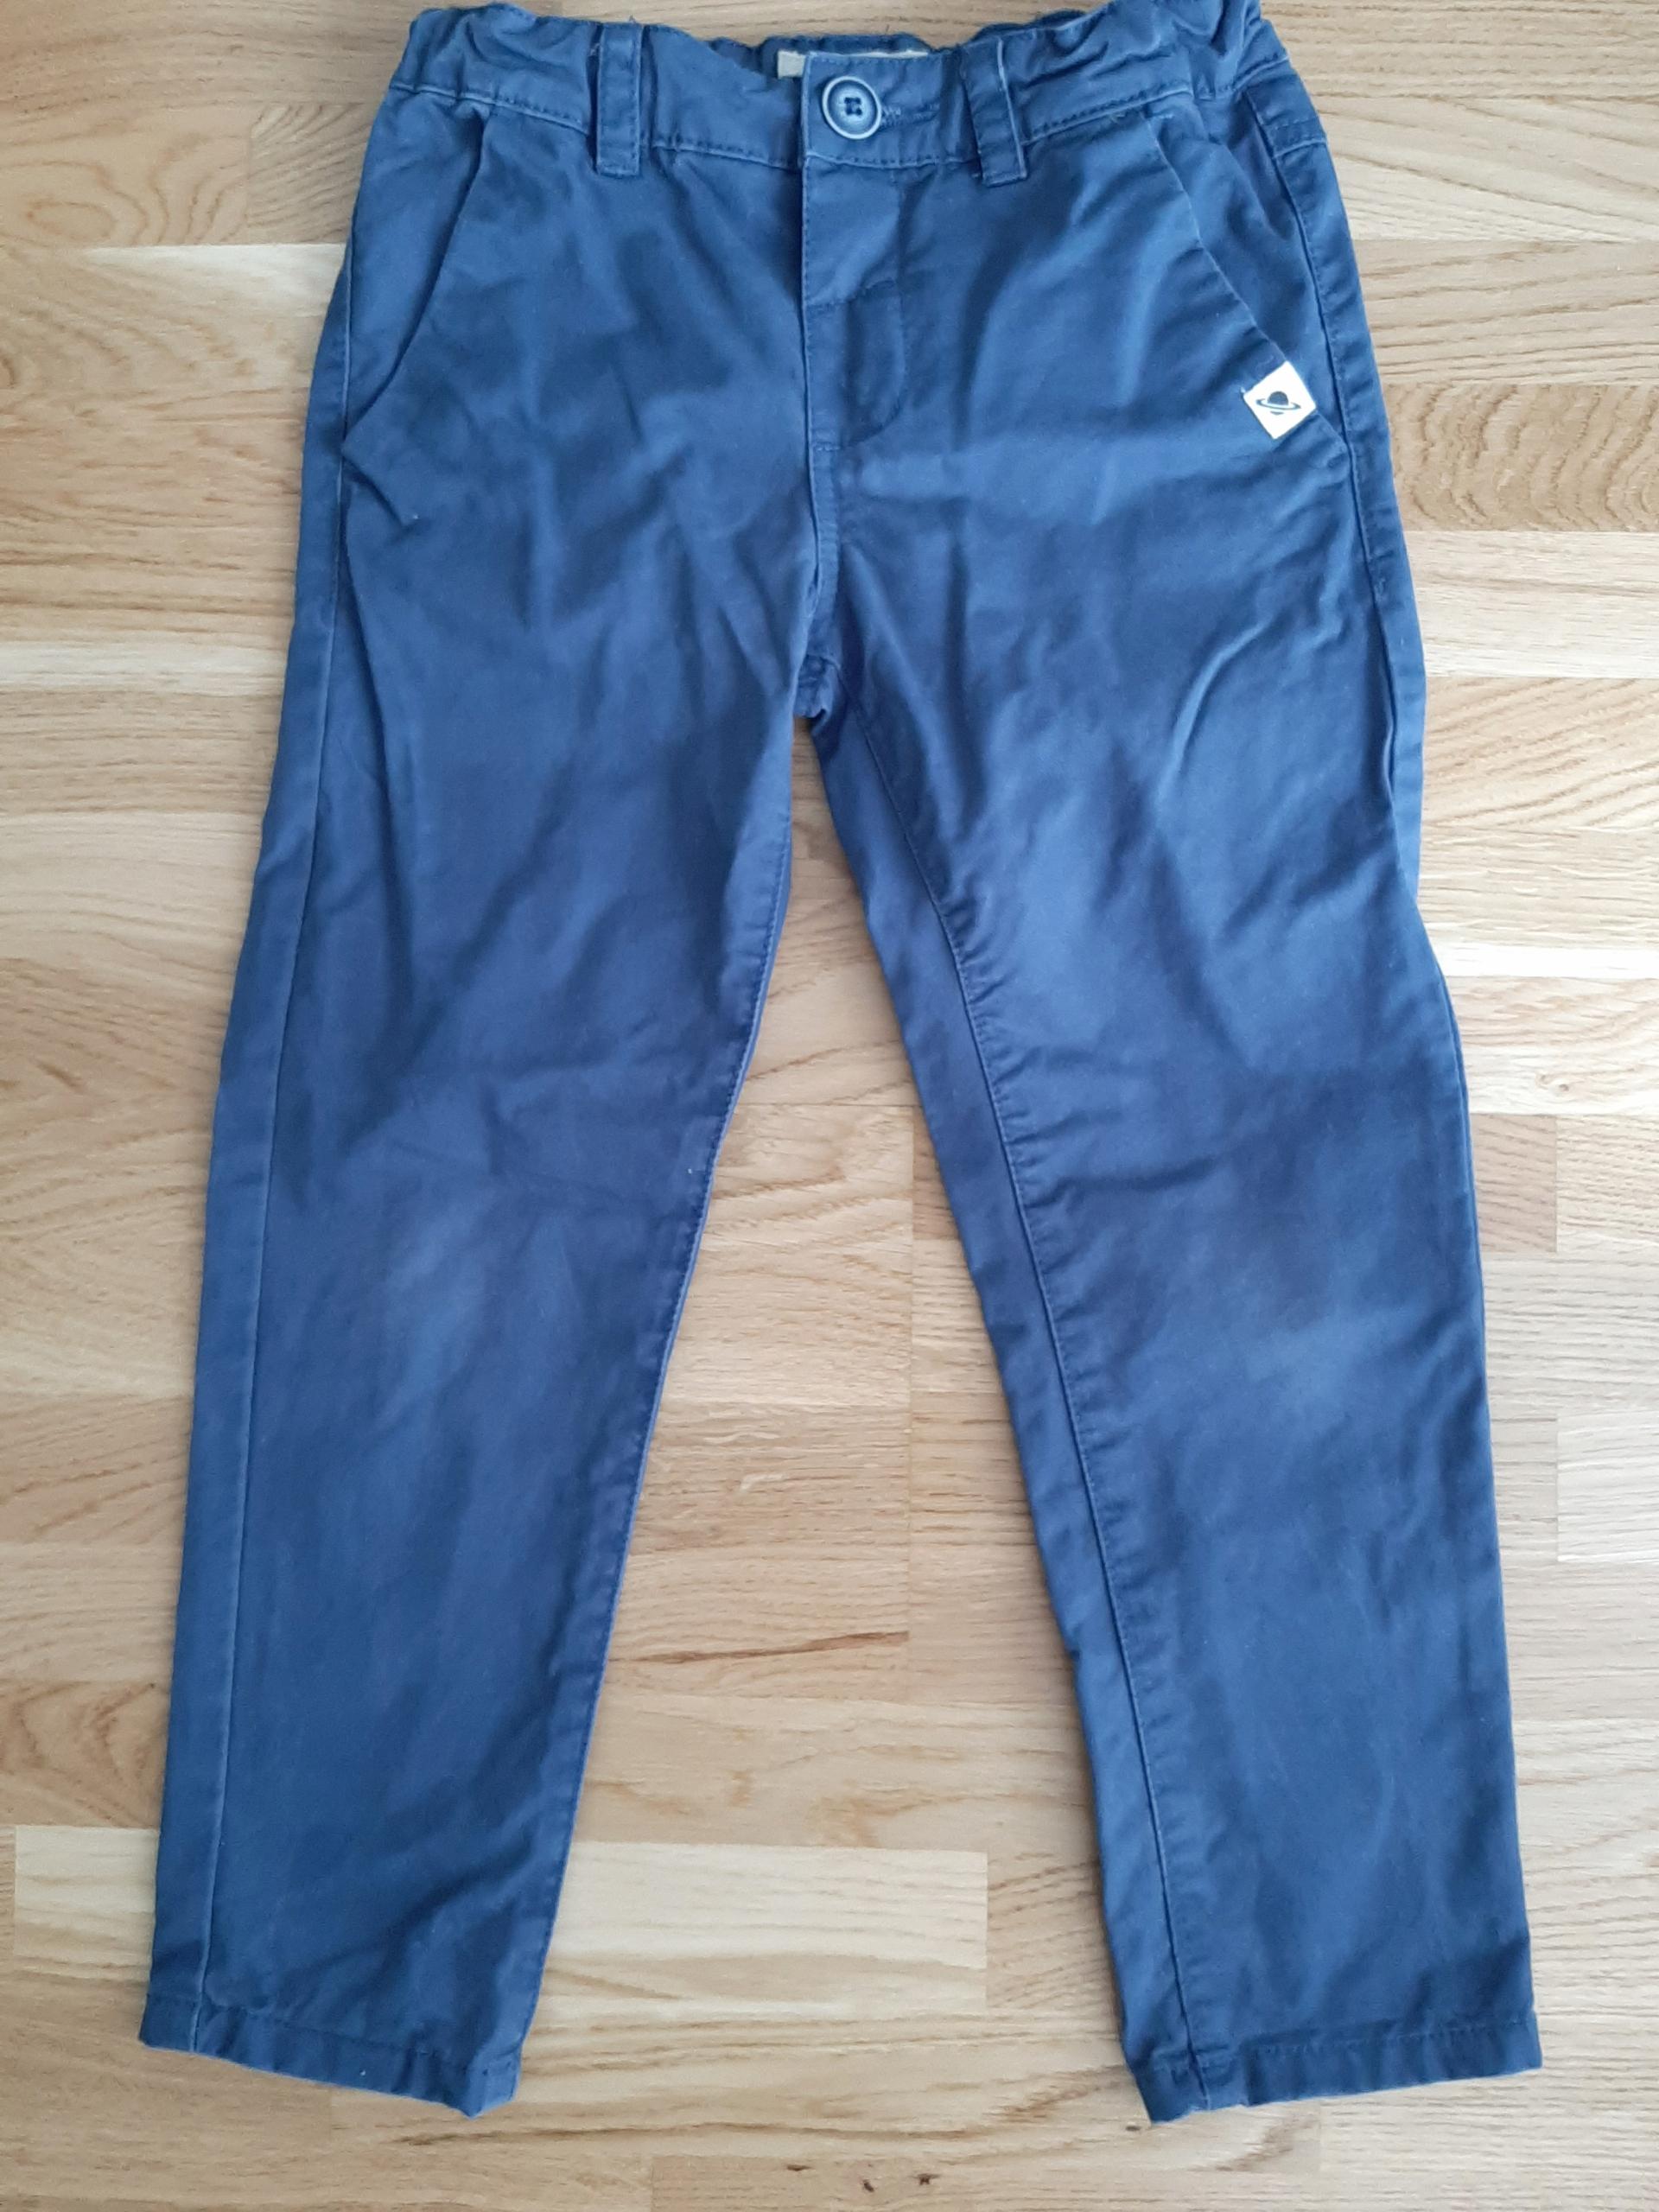 Spodnie Reserved chinos granatowe 110